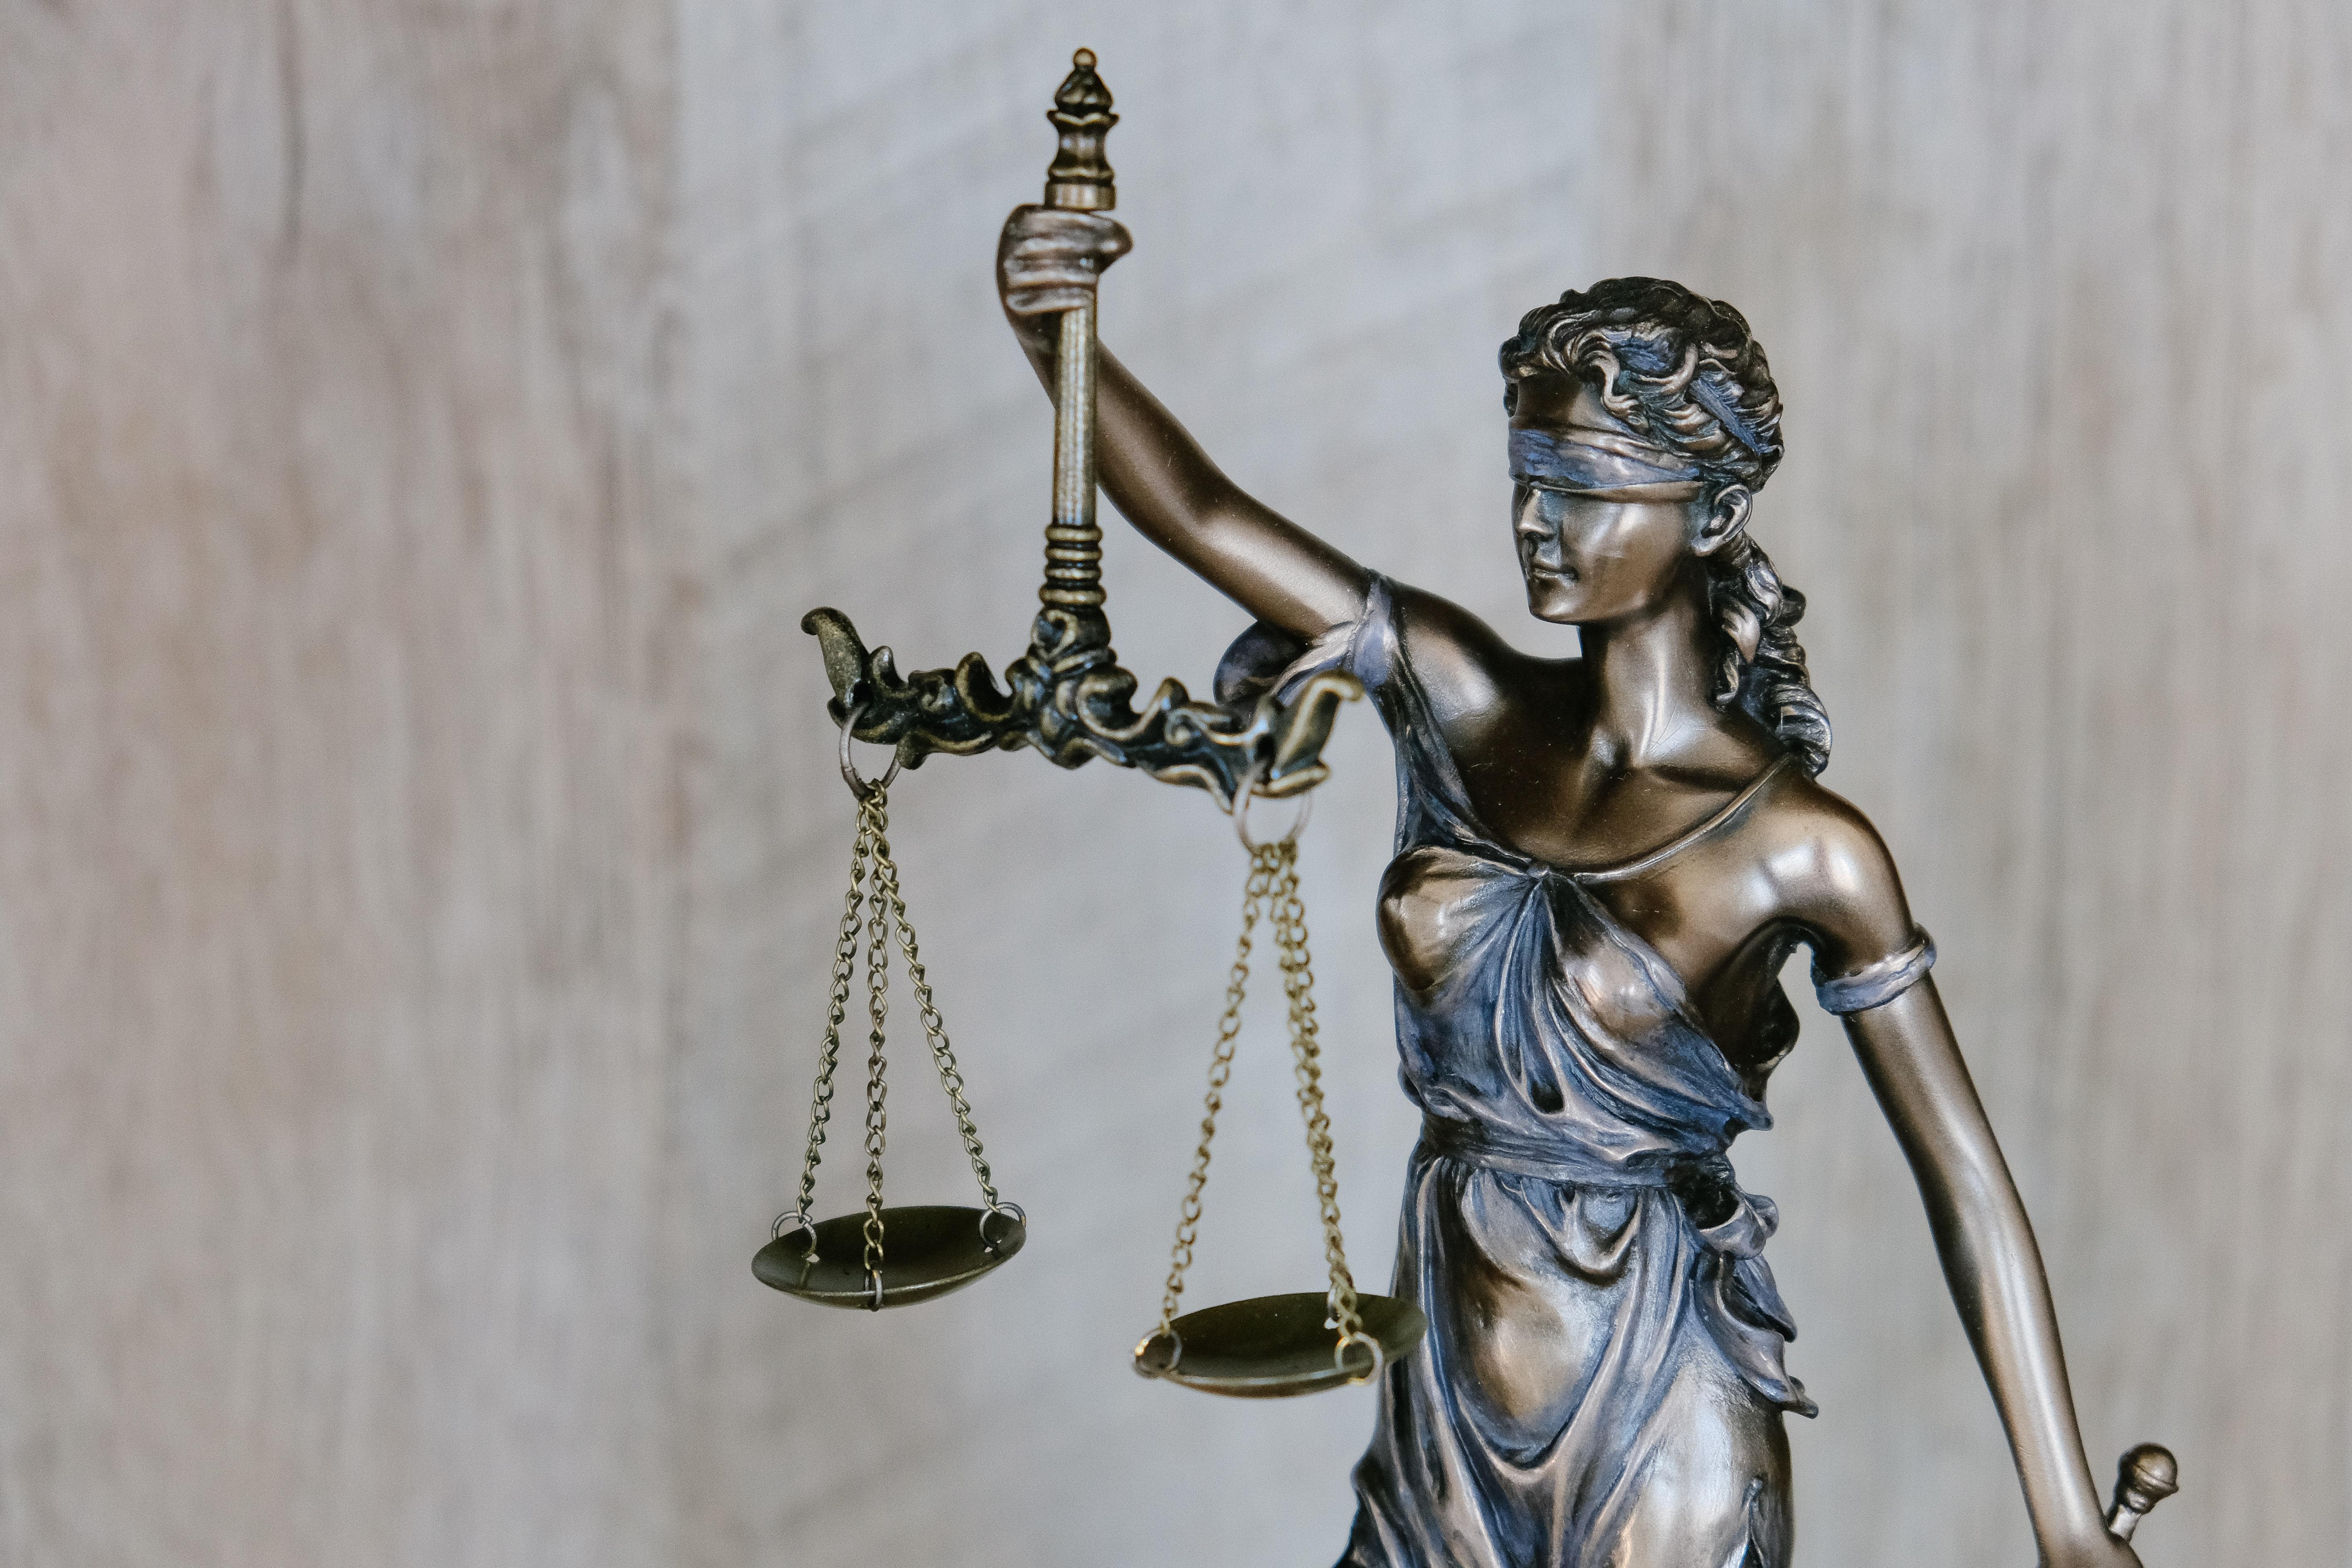 Litigation Update: Meriwether v. Hartop